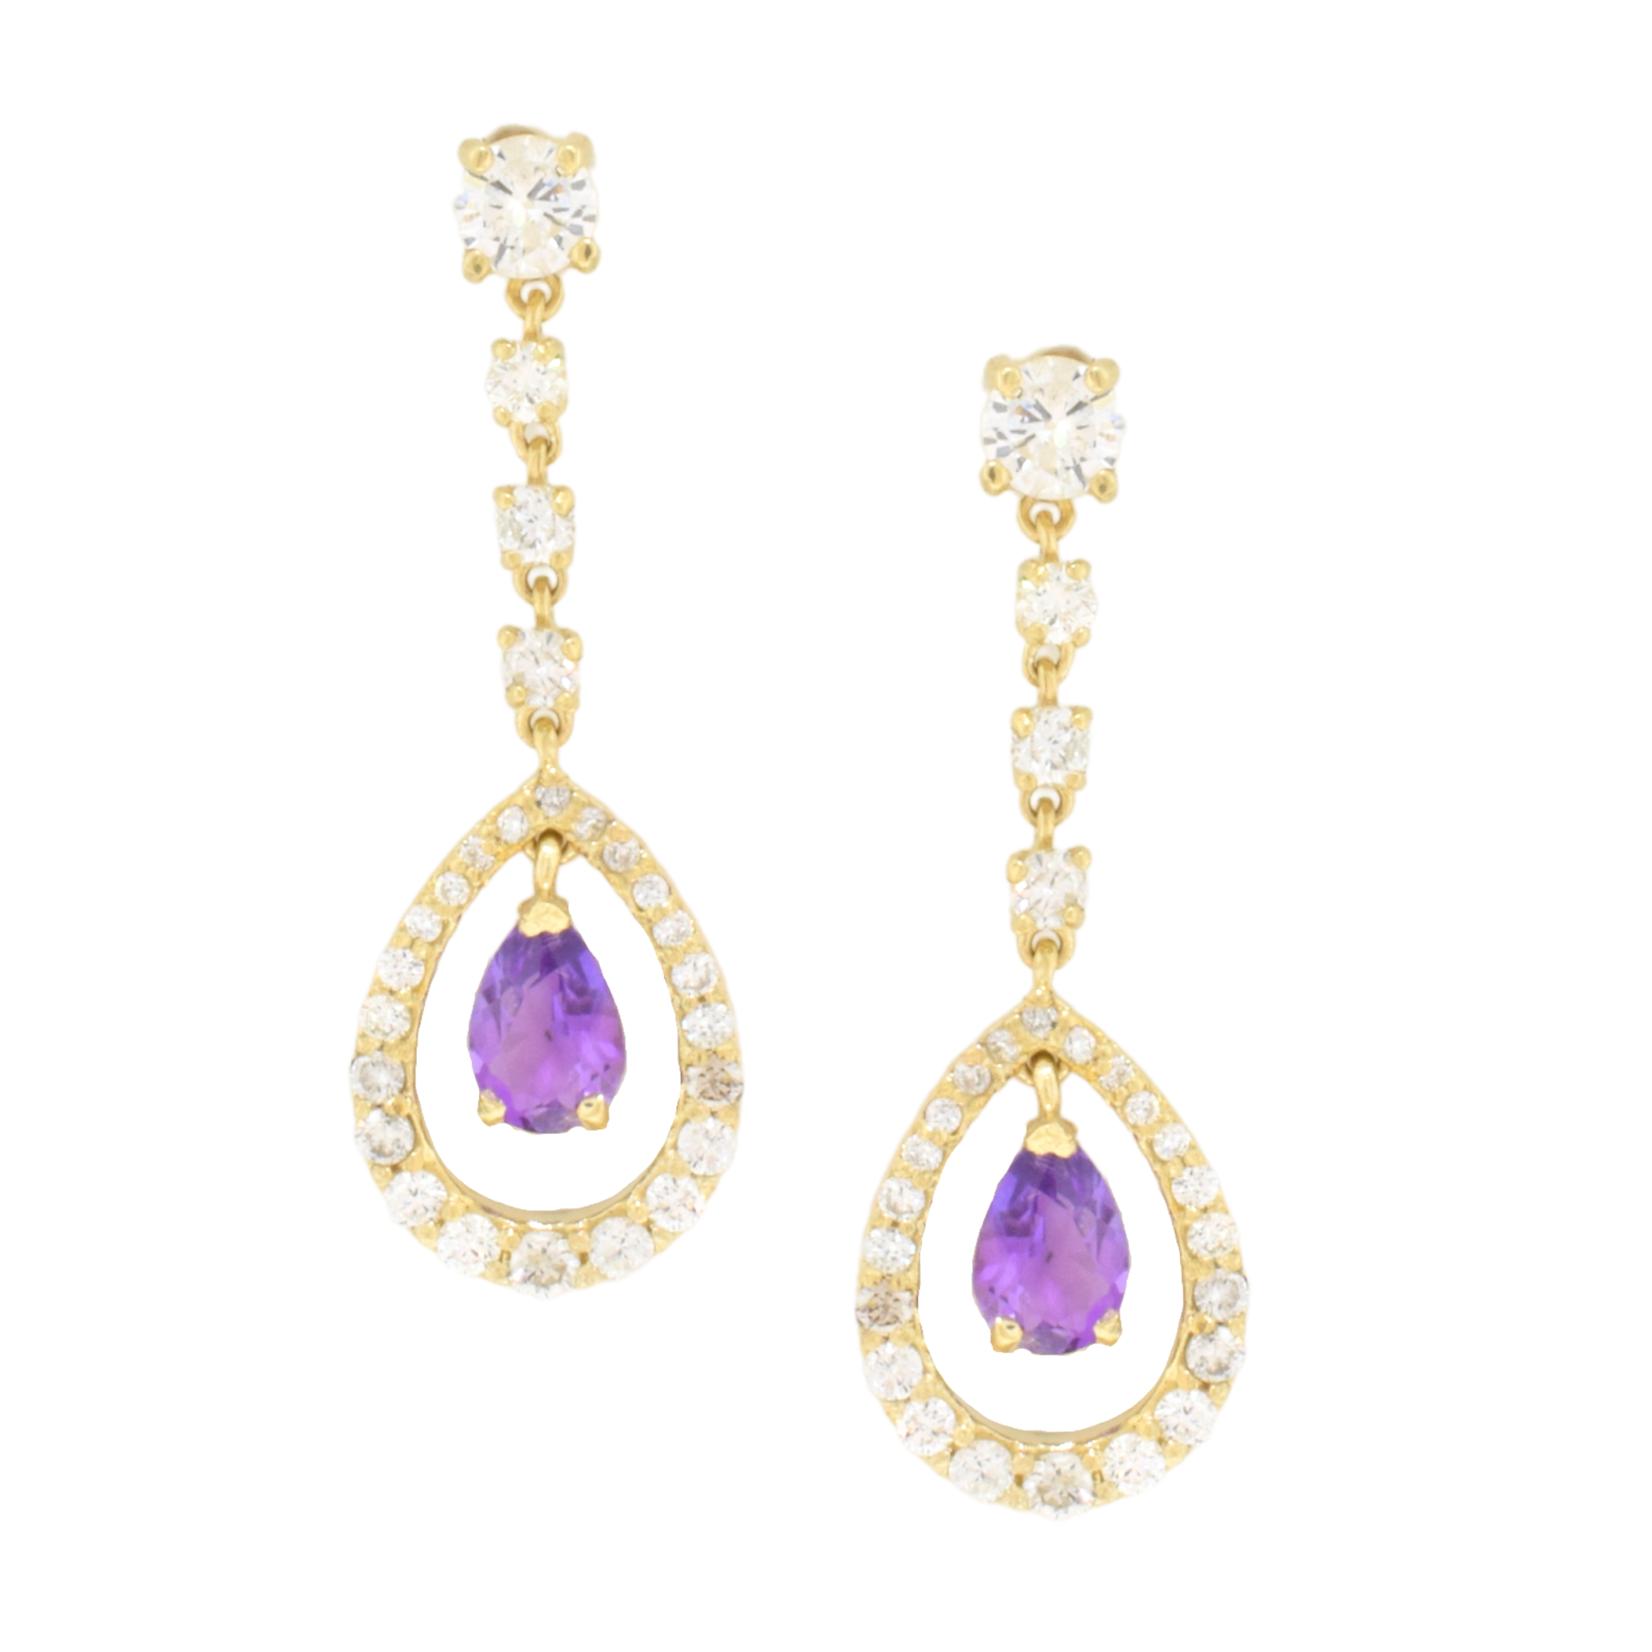 Amethyst and Diamond Teardrop Earrings